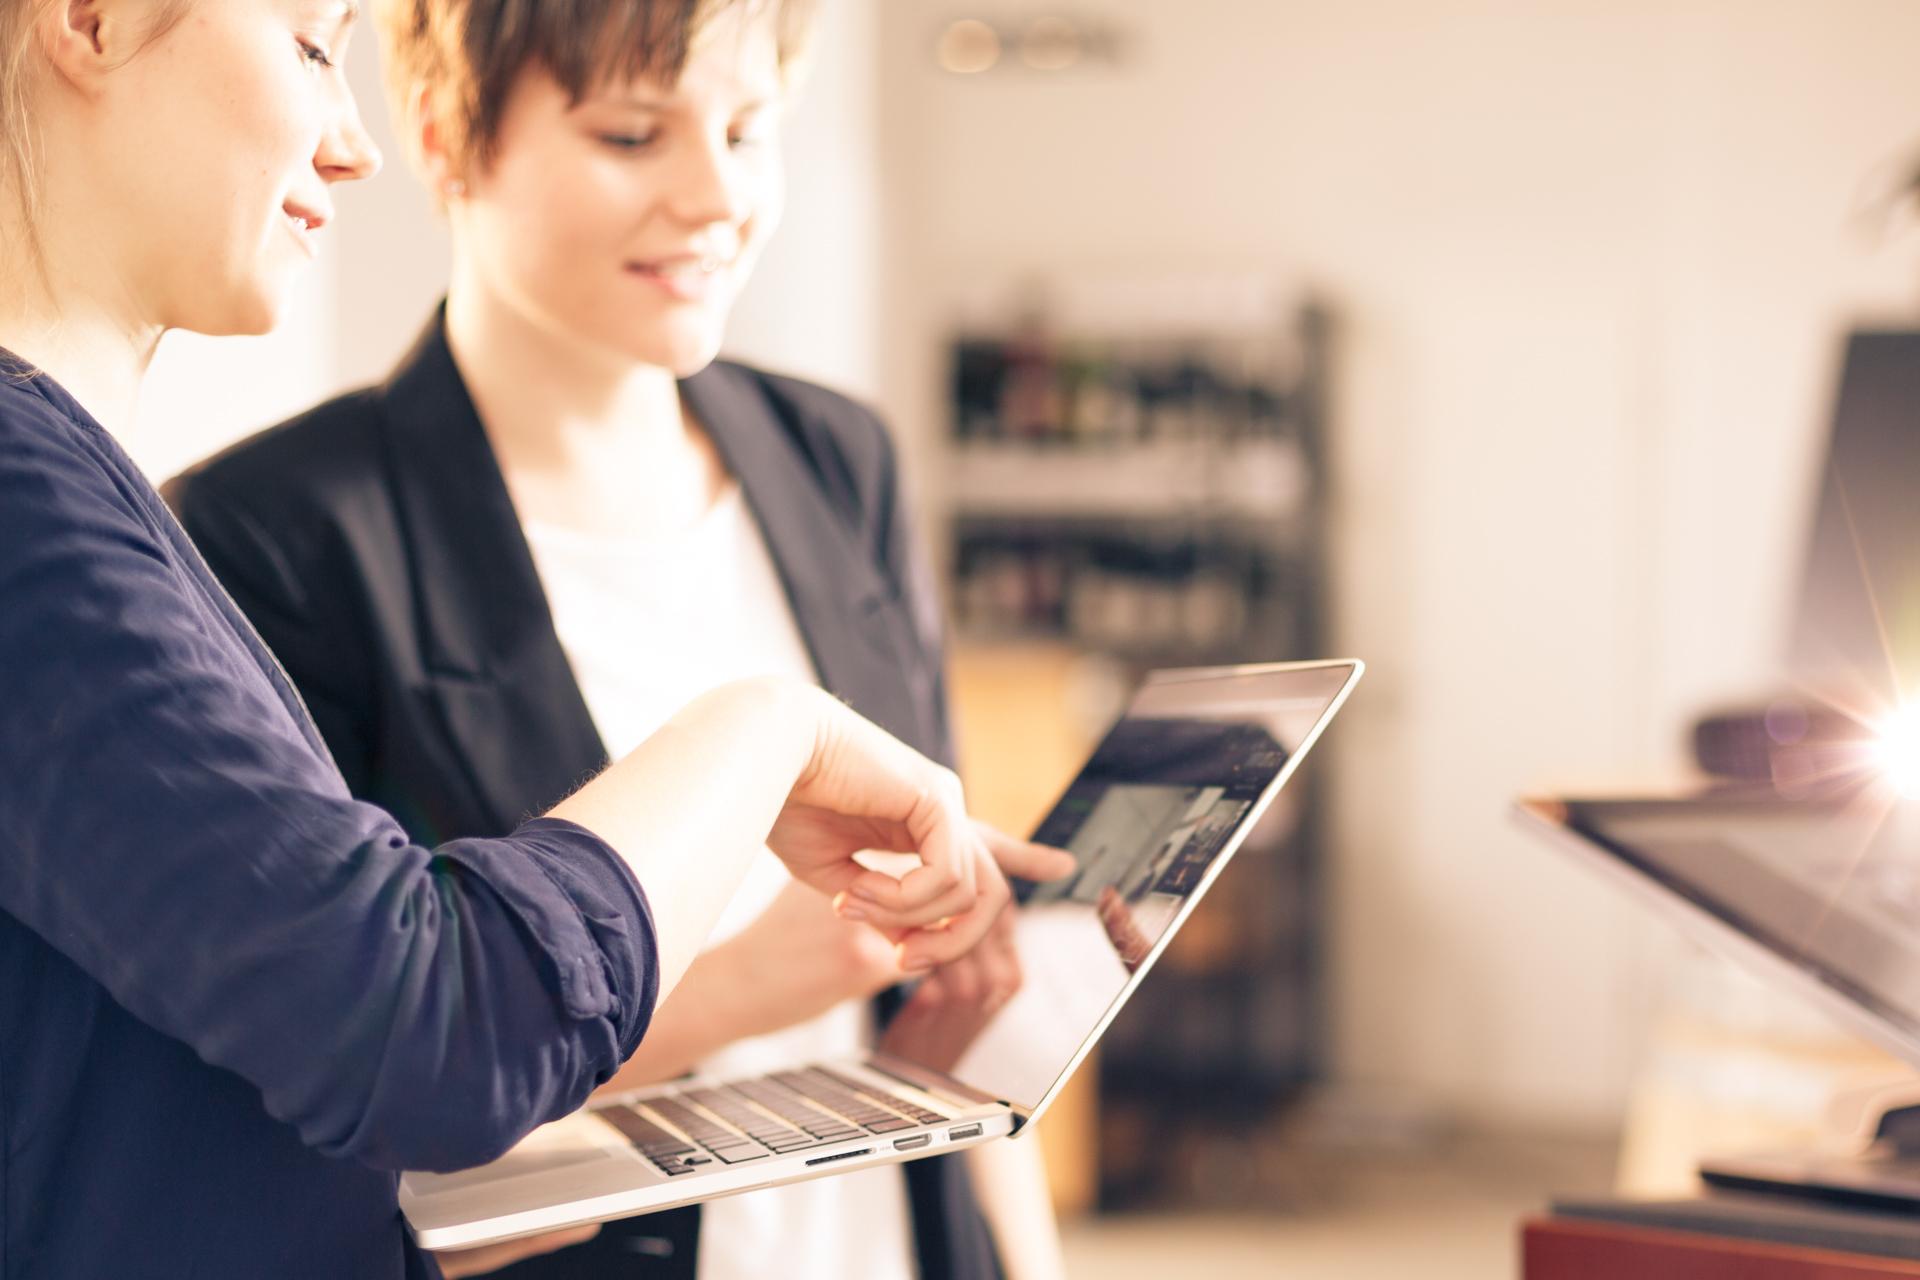 Besprechung zwei Frauen am Laptop